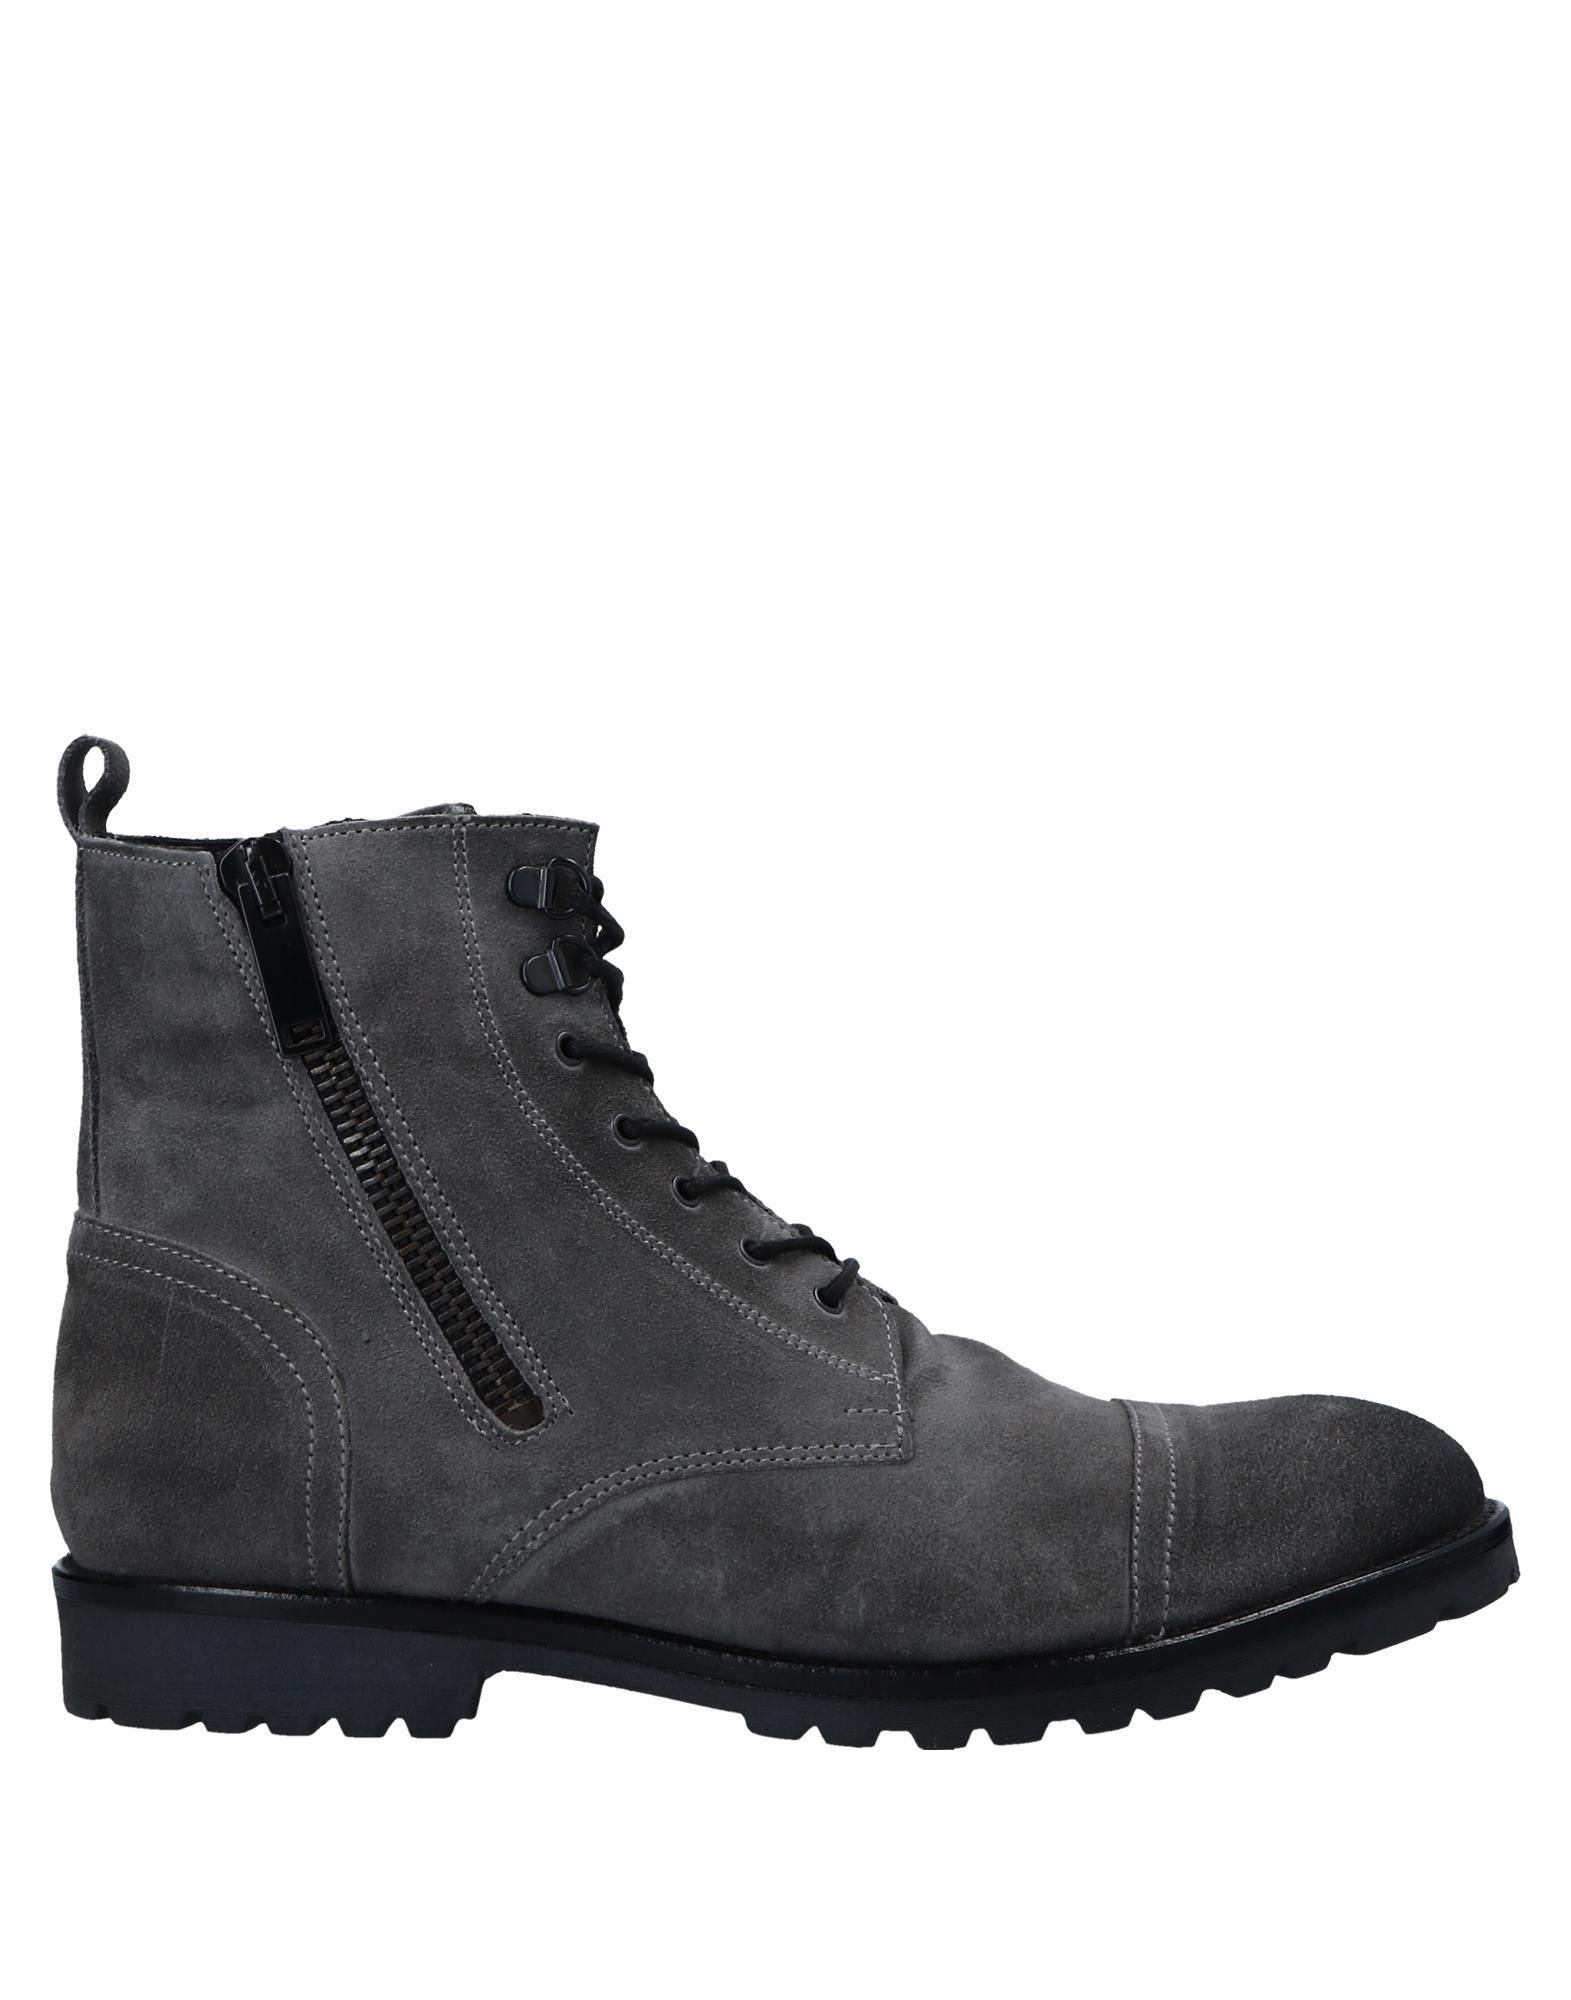 Rabatt echte Schuhe Antony Morato Stiefelette Herren  11555255PI